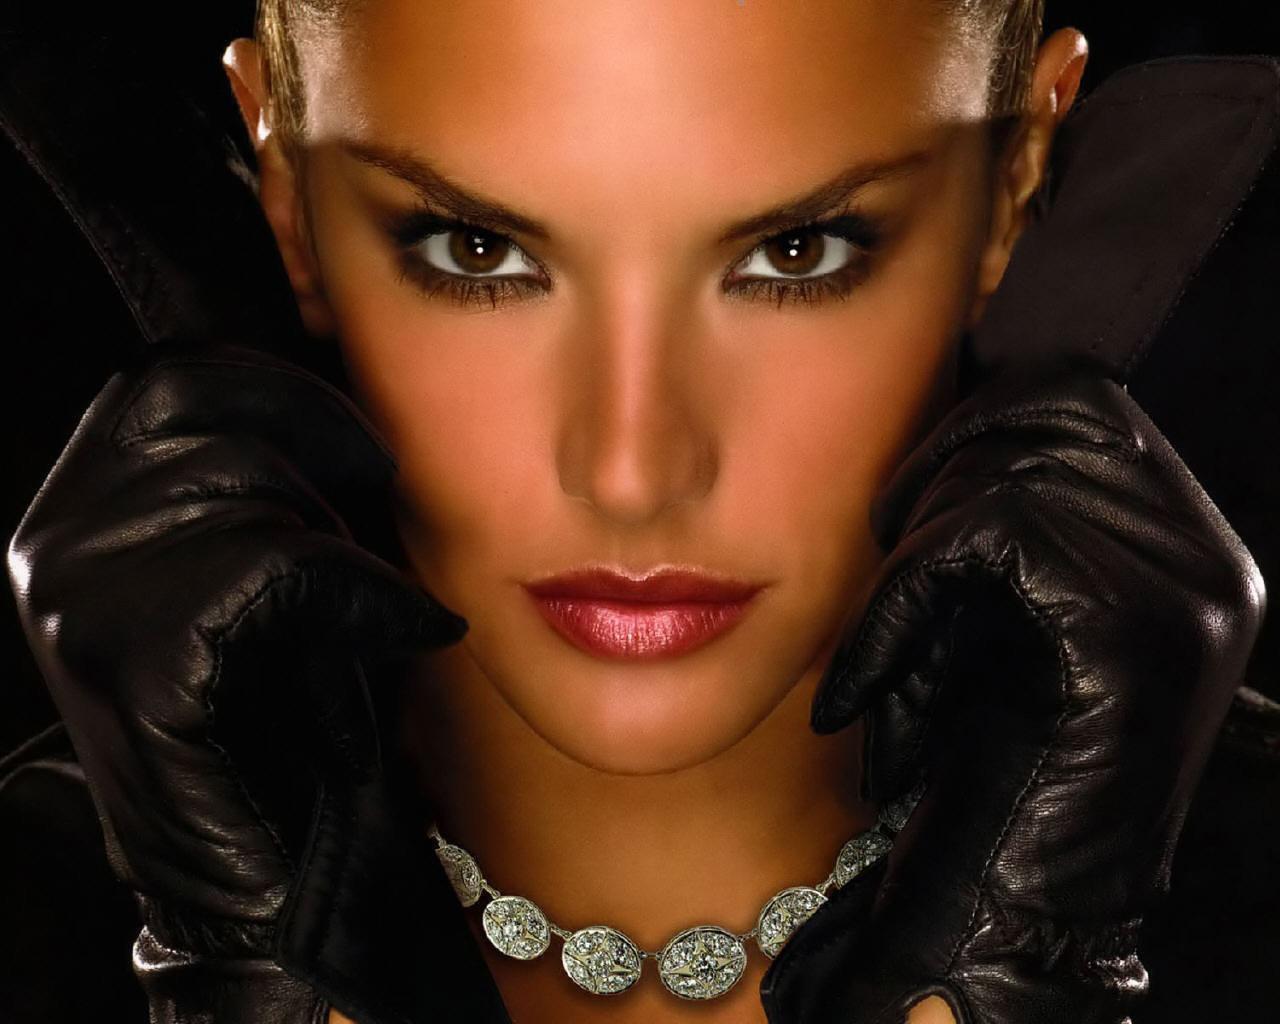 Alessanndra Ambrosio - Victoria's Secret 1280x1024